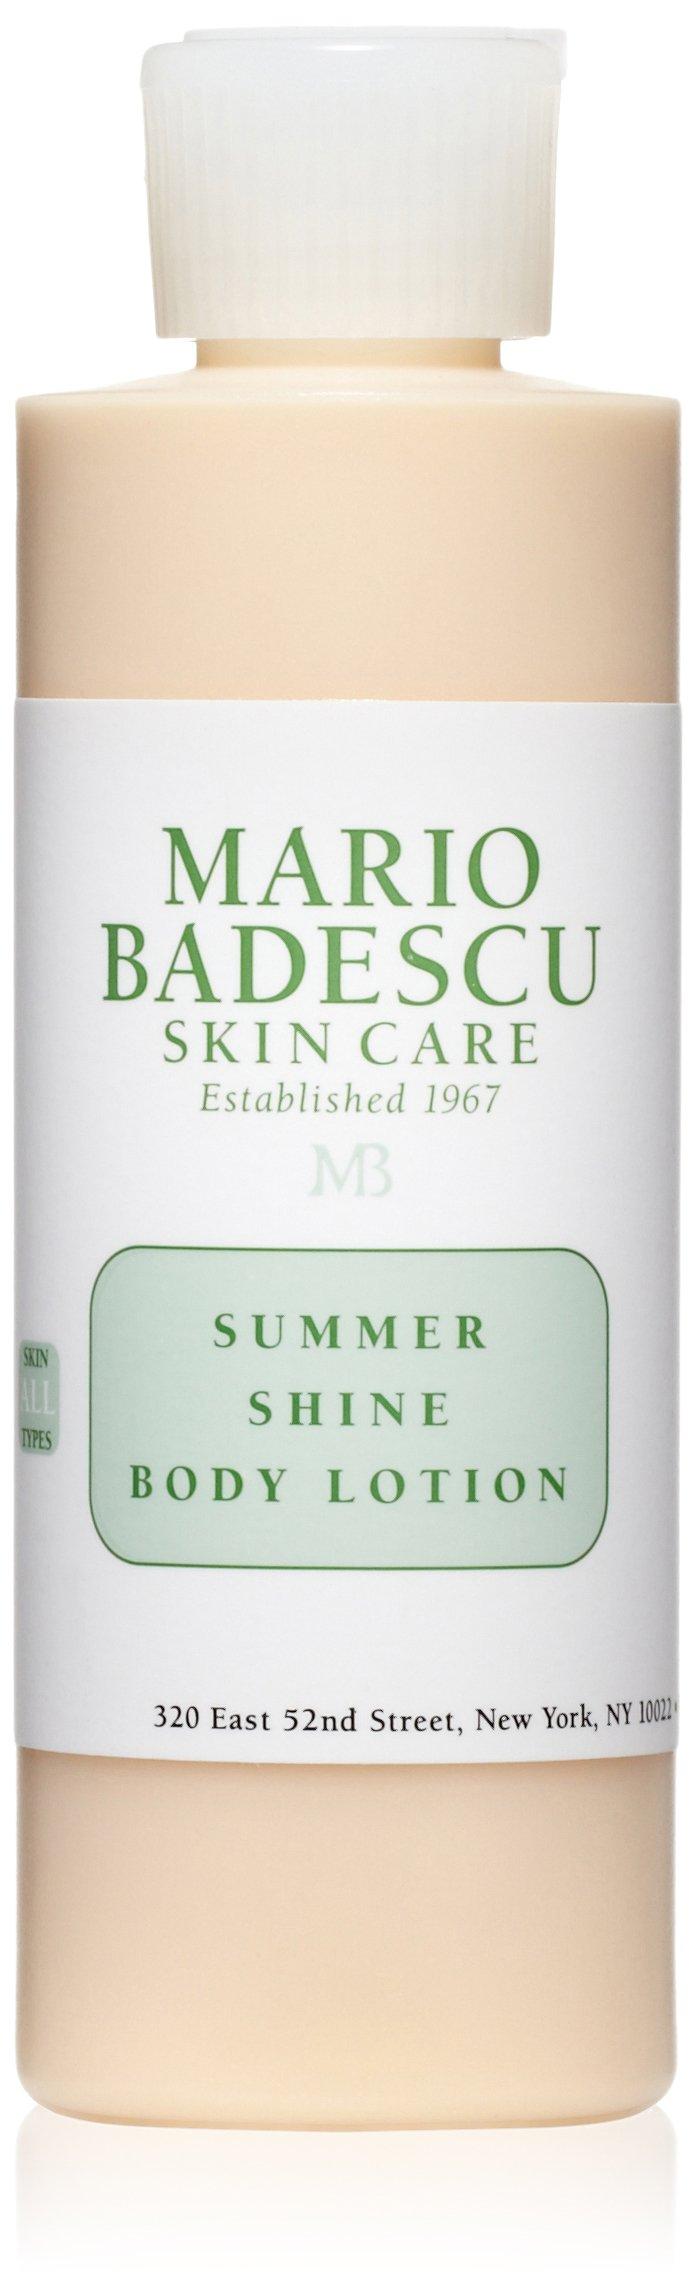 Mario Badescu Summer Shine Body Lotion, 6 oz. by Mario Badescu